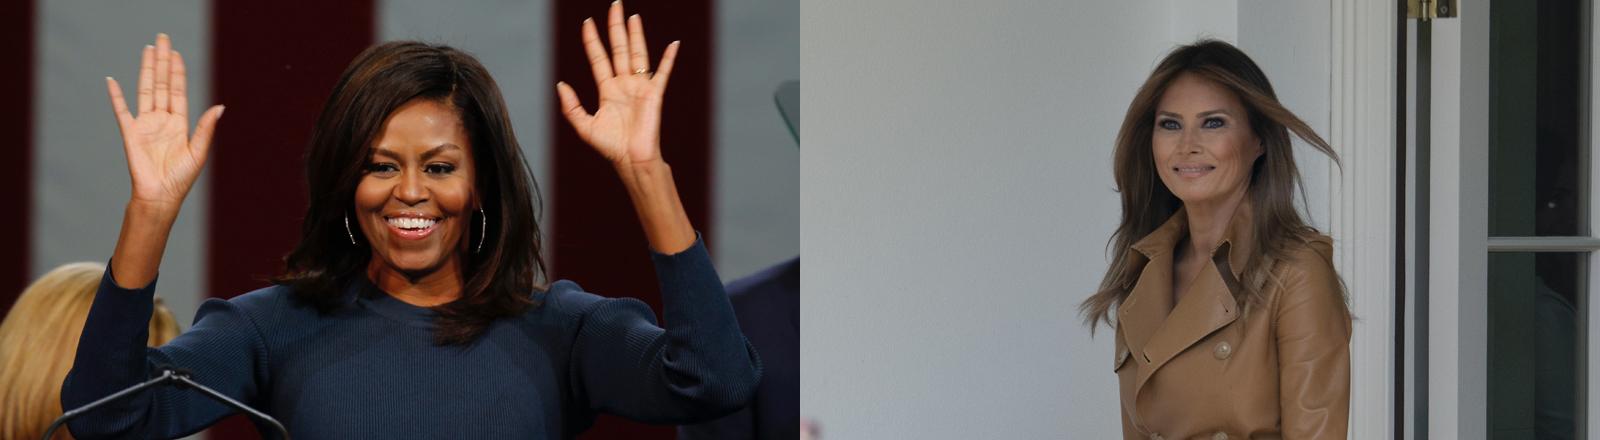 Michelle Obama und Melania Trump auf einer Collage